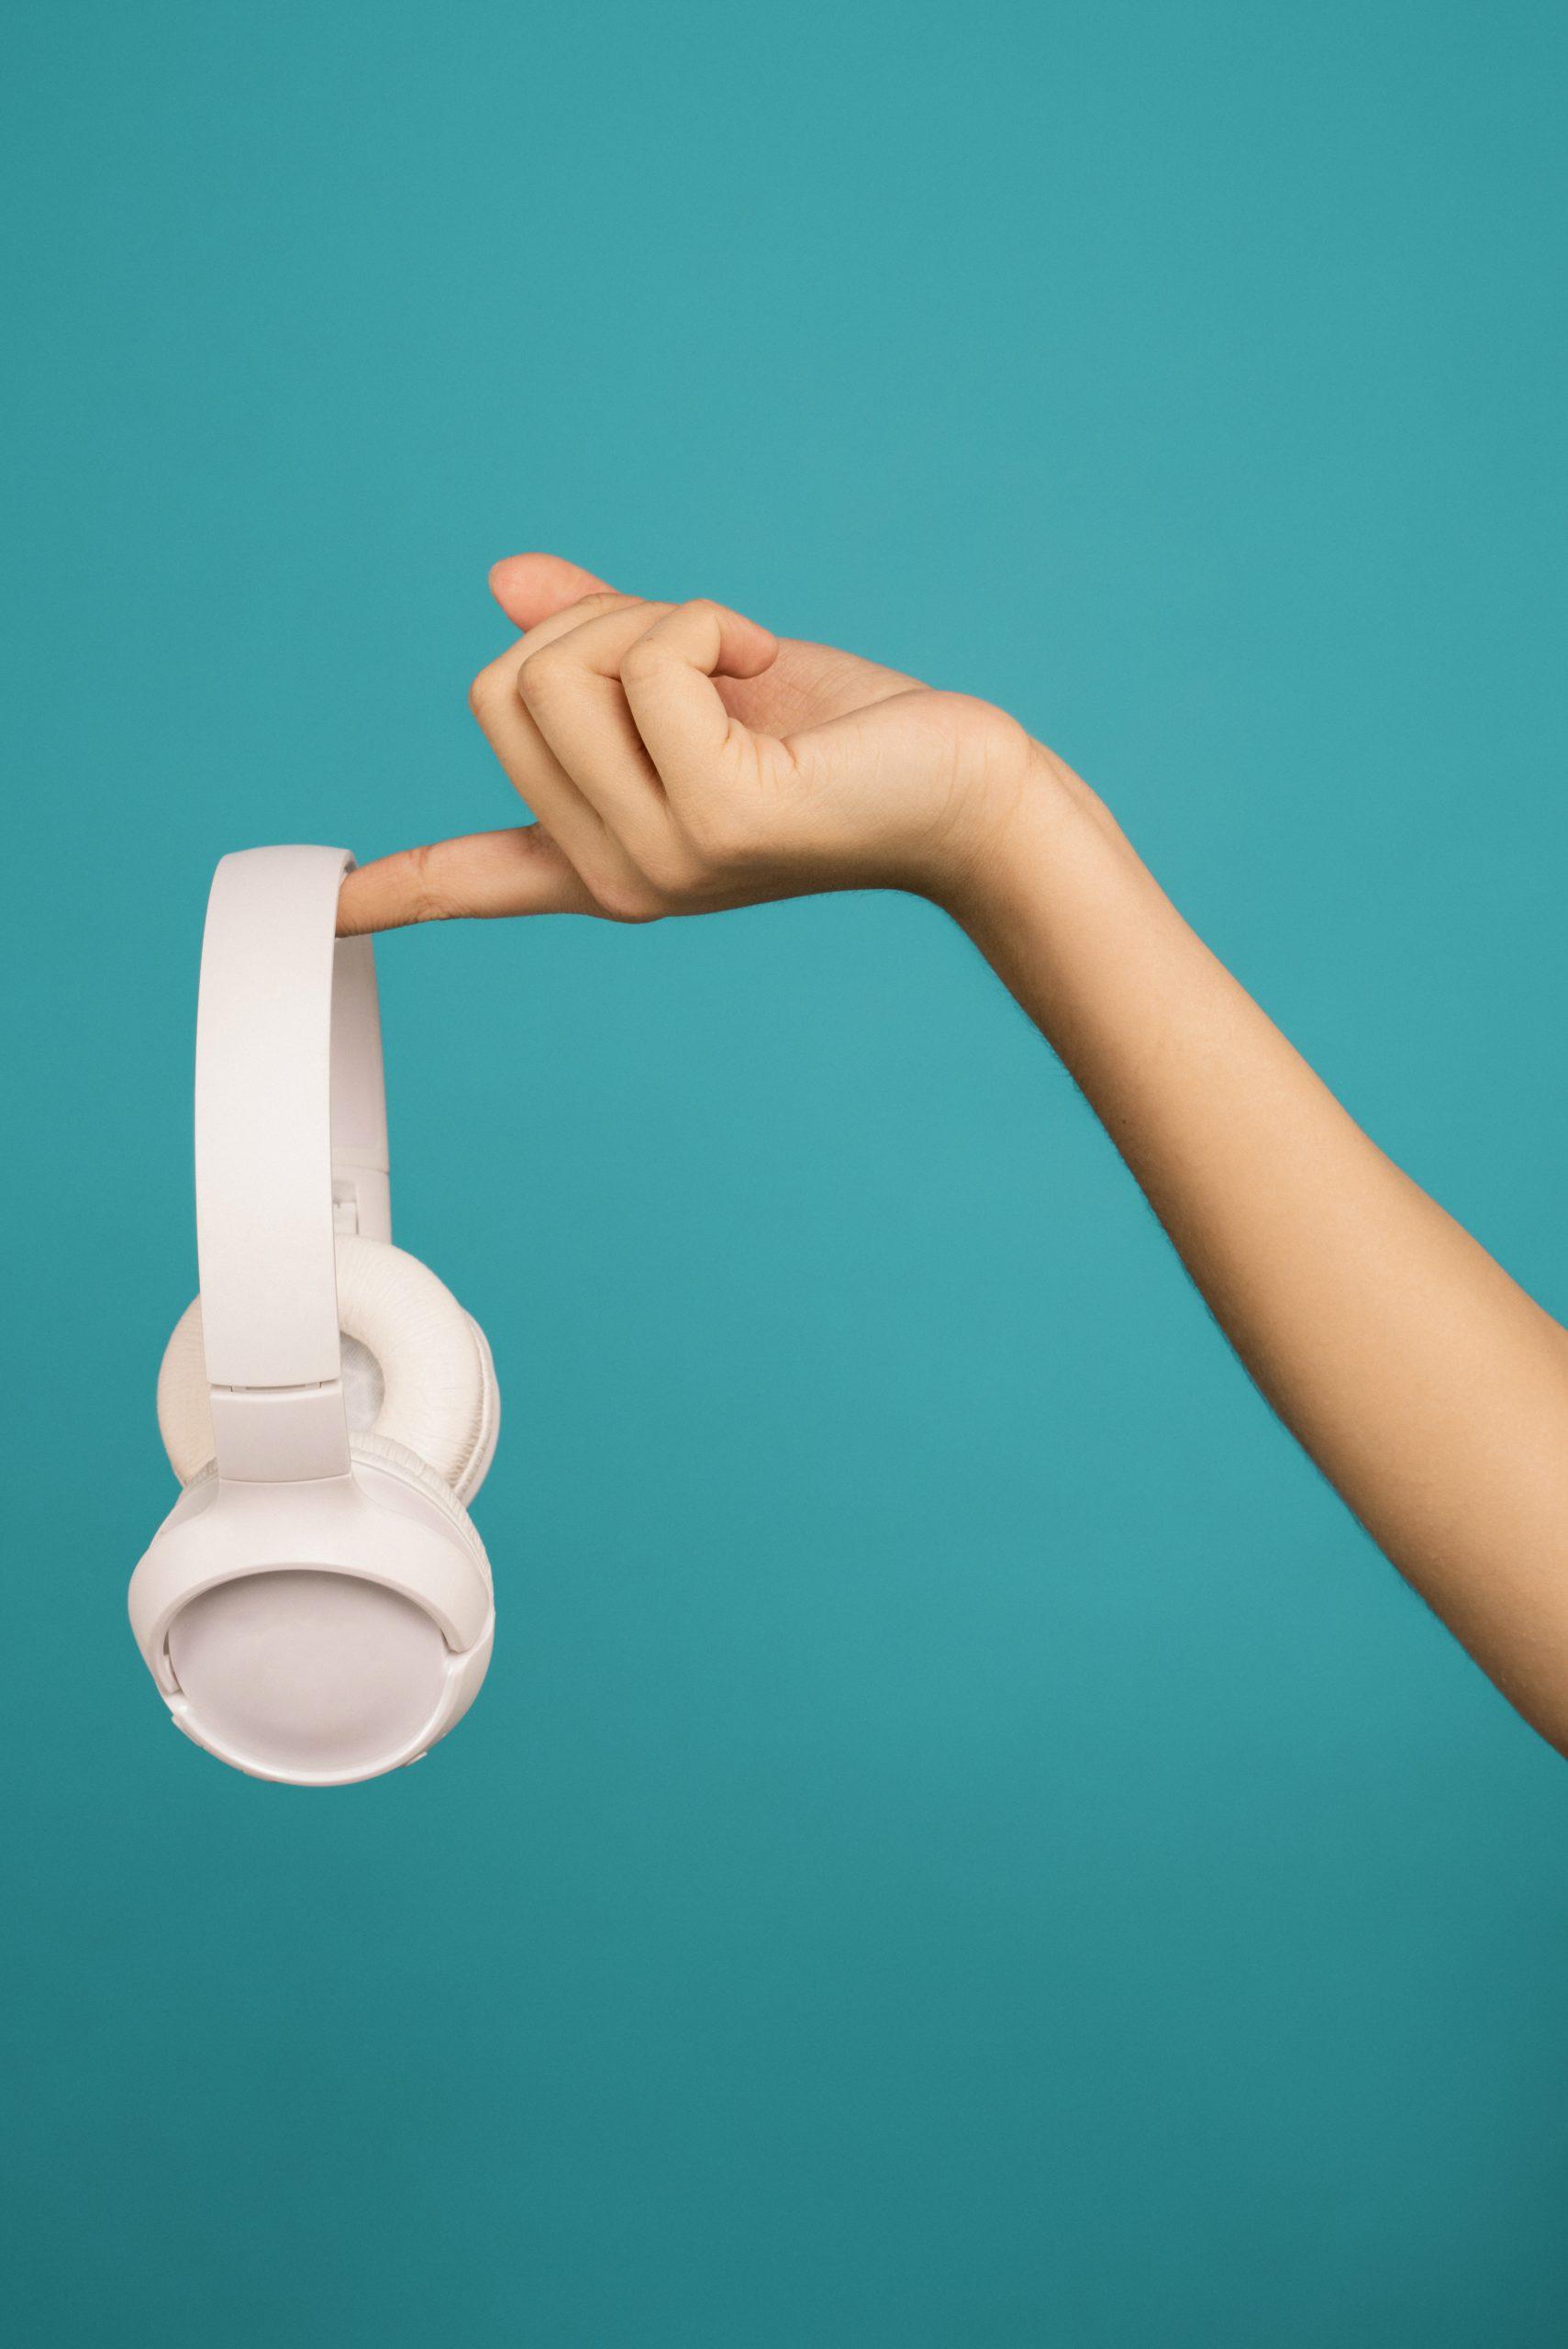 Ecouteurs, casques : et si on adoptait de nouveaux réflexes ?